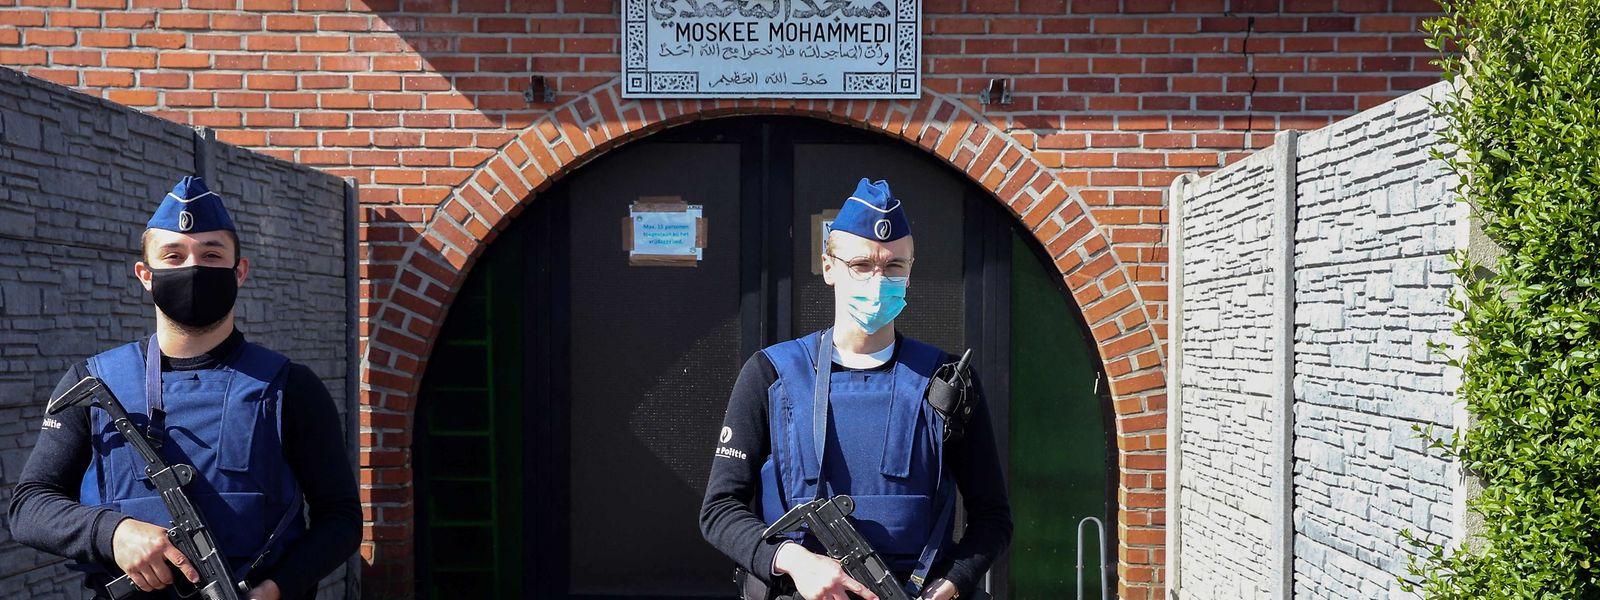 Cette mosquée, non loin de Maastricht, est désormais sous haute surveillance depuis que Conings a annoncé vouloir en faire une cible.